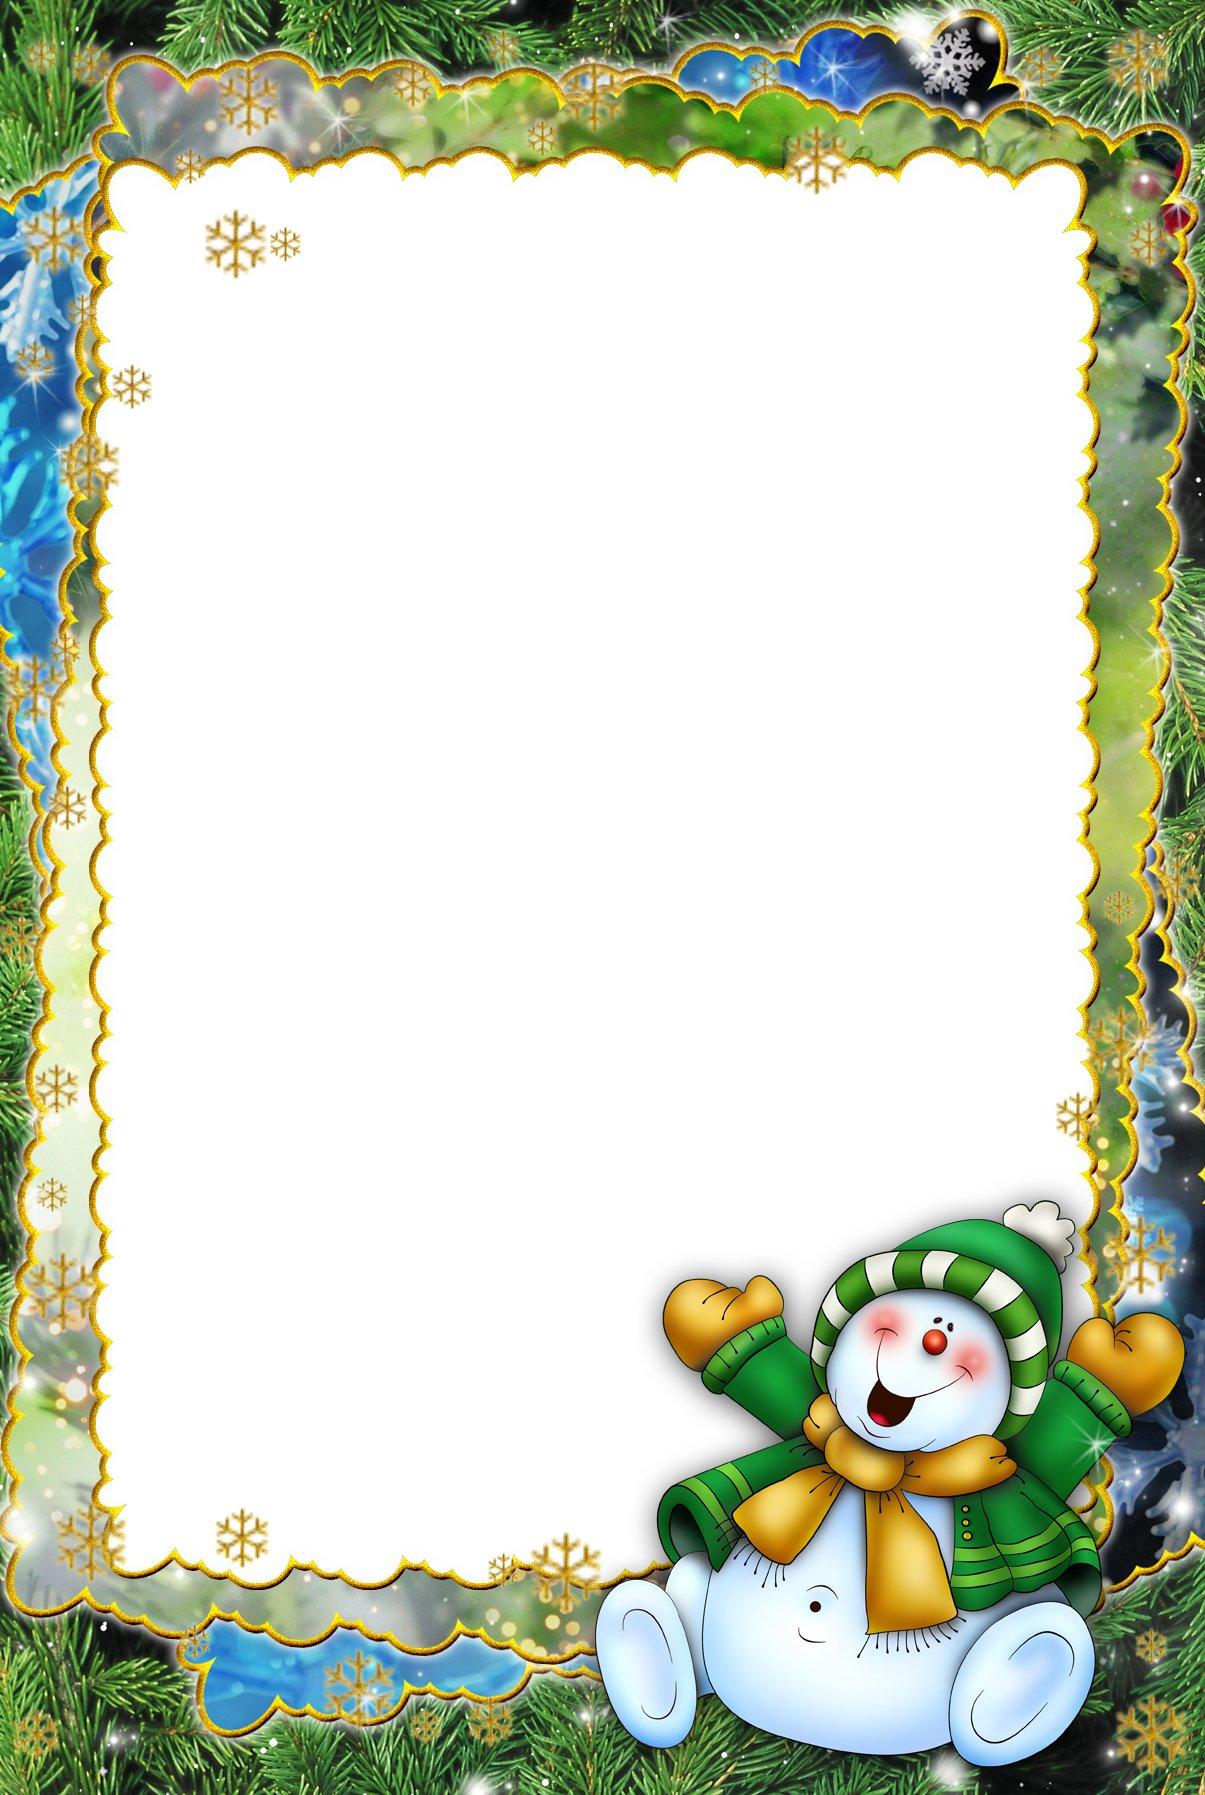 Новогодние рамки. Детская новогодняя рамка для фото высокого качества позволяет вставлять фотографии, не сжимая их. Новогодняя рамка для детских фотографий сделана на зелёном фоне из еловых веток, в сочетании с золотыми новогодними украшениями и золотистыми блестящими снежинками. Внизу рамки сидит жизнерадостный забавный снеговик, который широко раскинув руки, распевает новогодние песенки. Отличная вертикальная новогодняя рамка для детей, которая позволяет красиво и празднично оформить детские портреты.